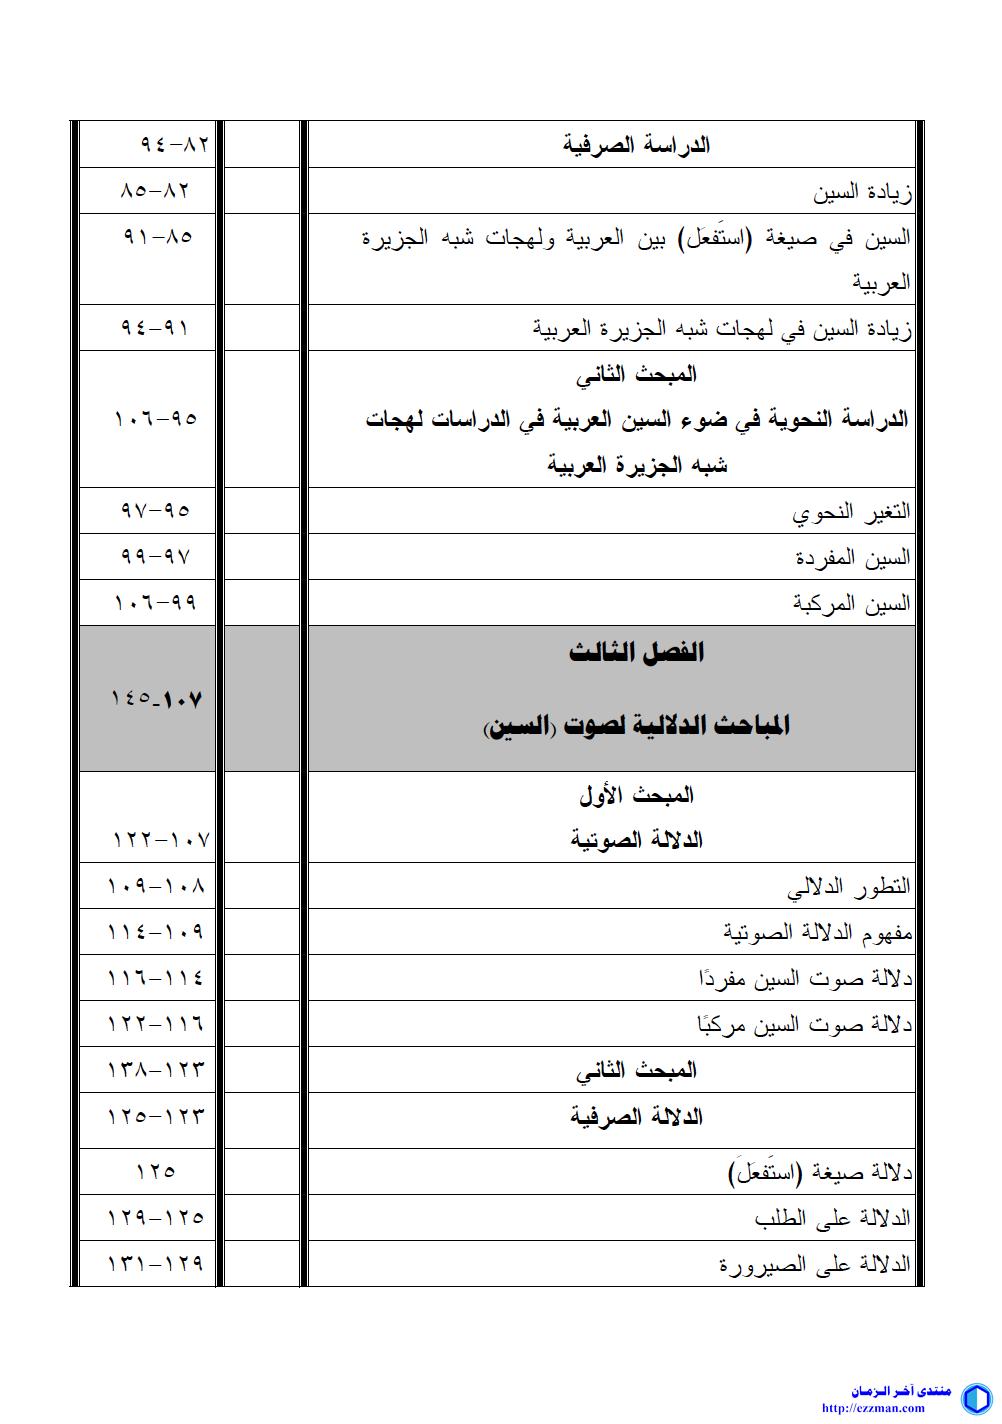 السين العربية لهجات الجزيرة العربية